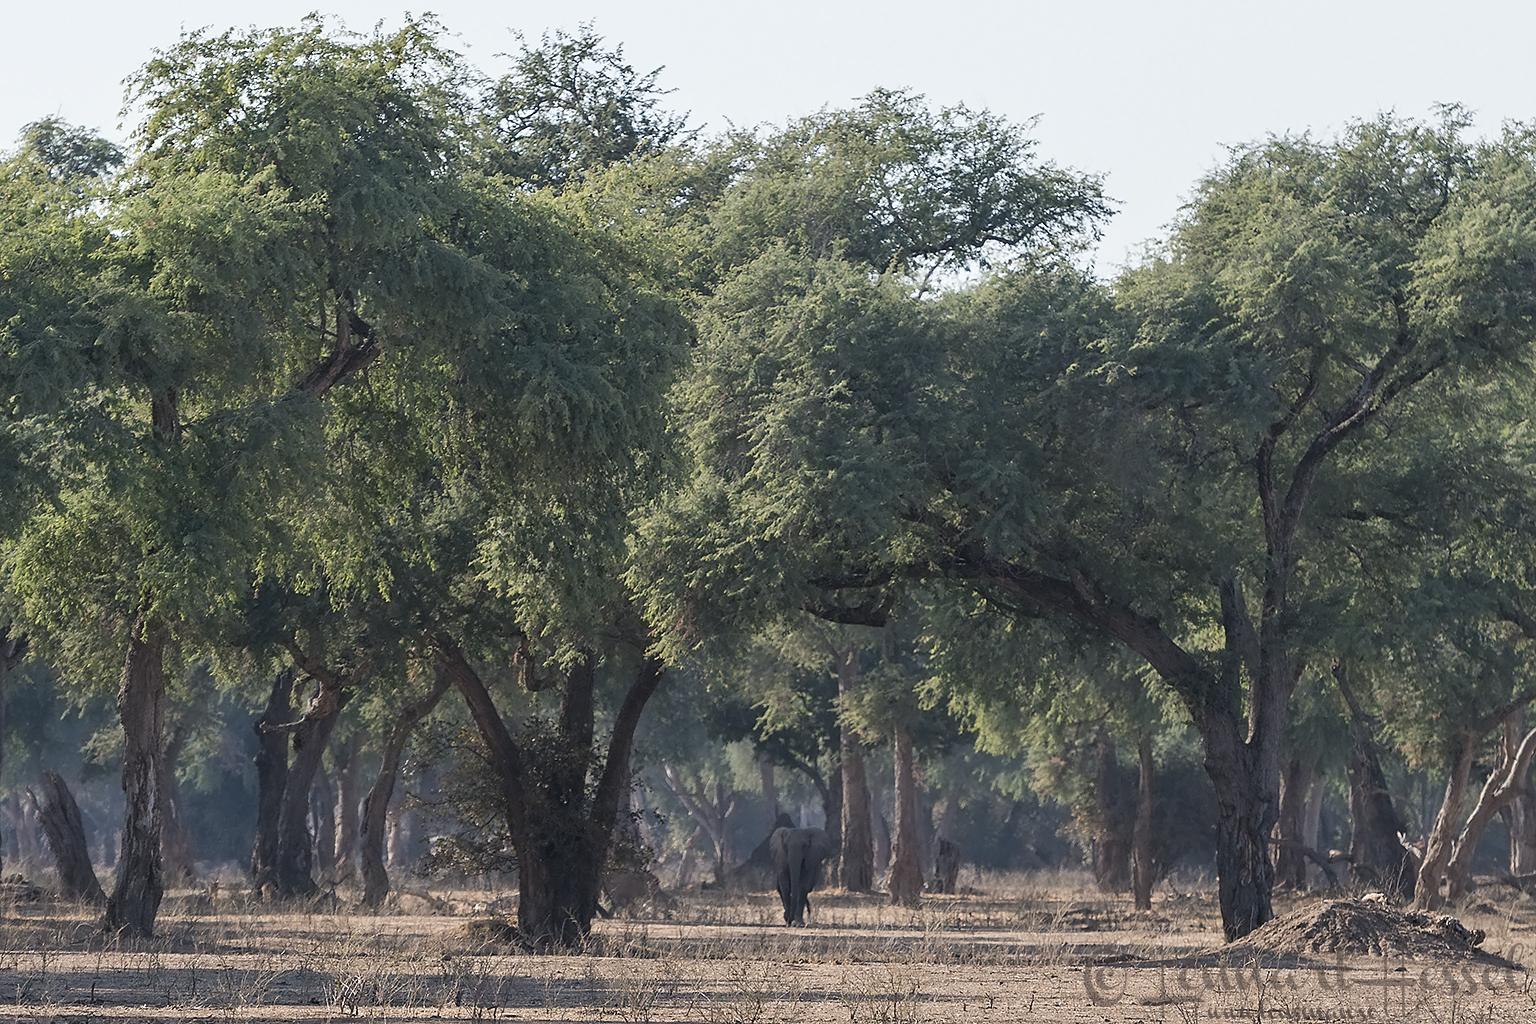 Elephant in the woods Mana Pools National Park Zimbabwe